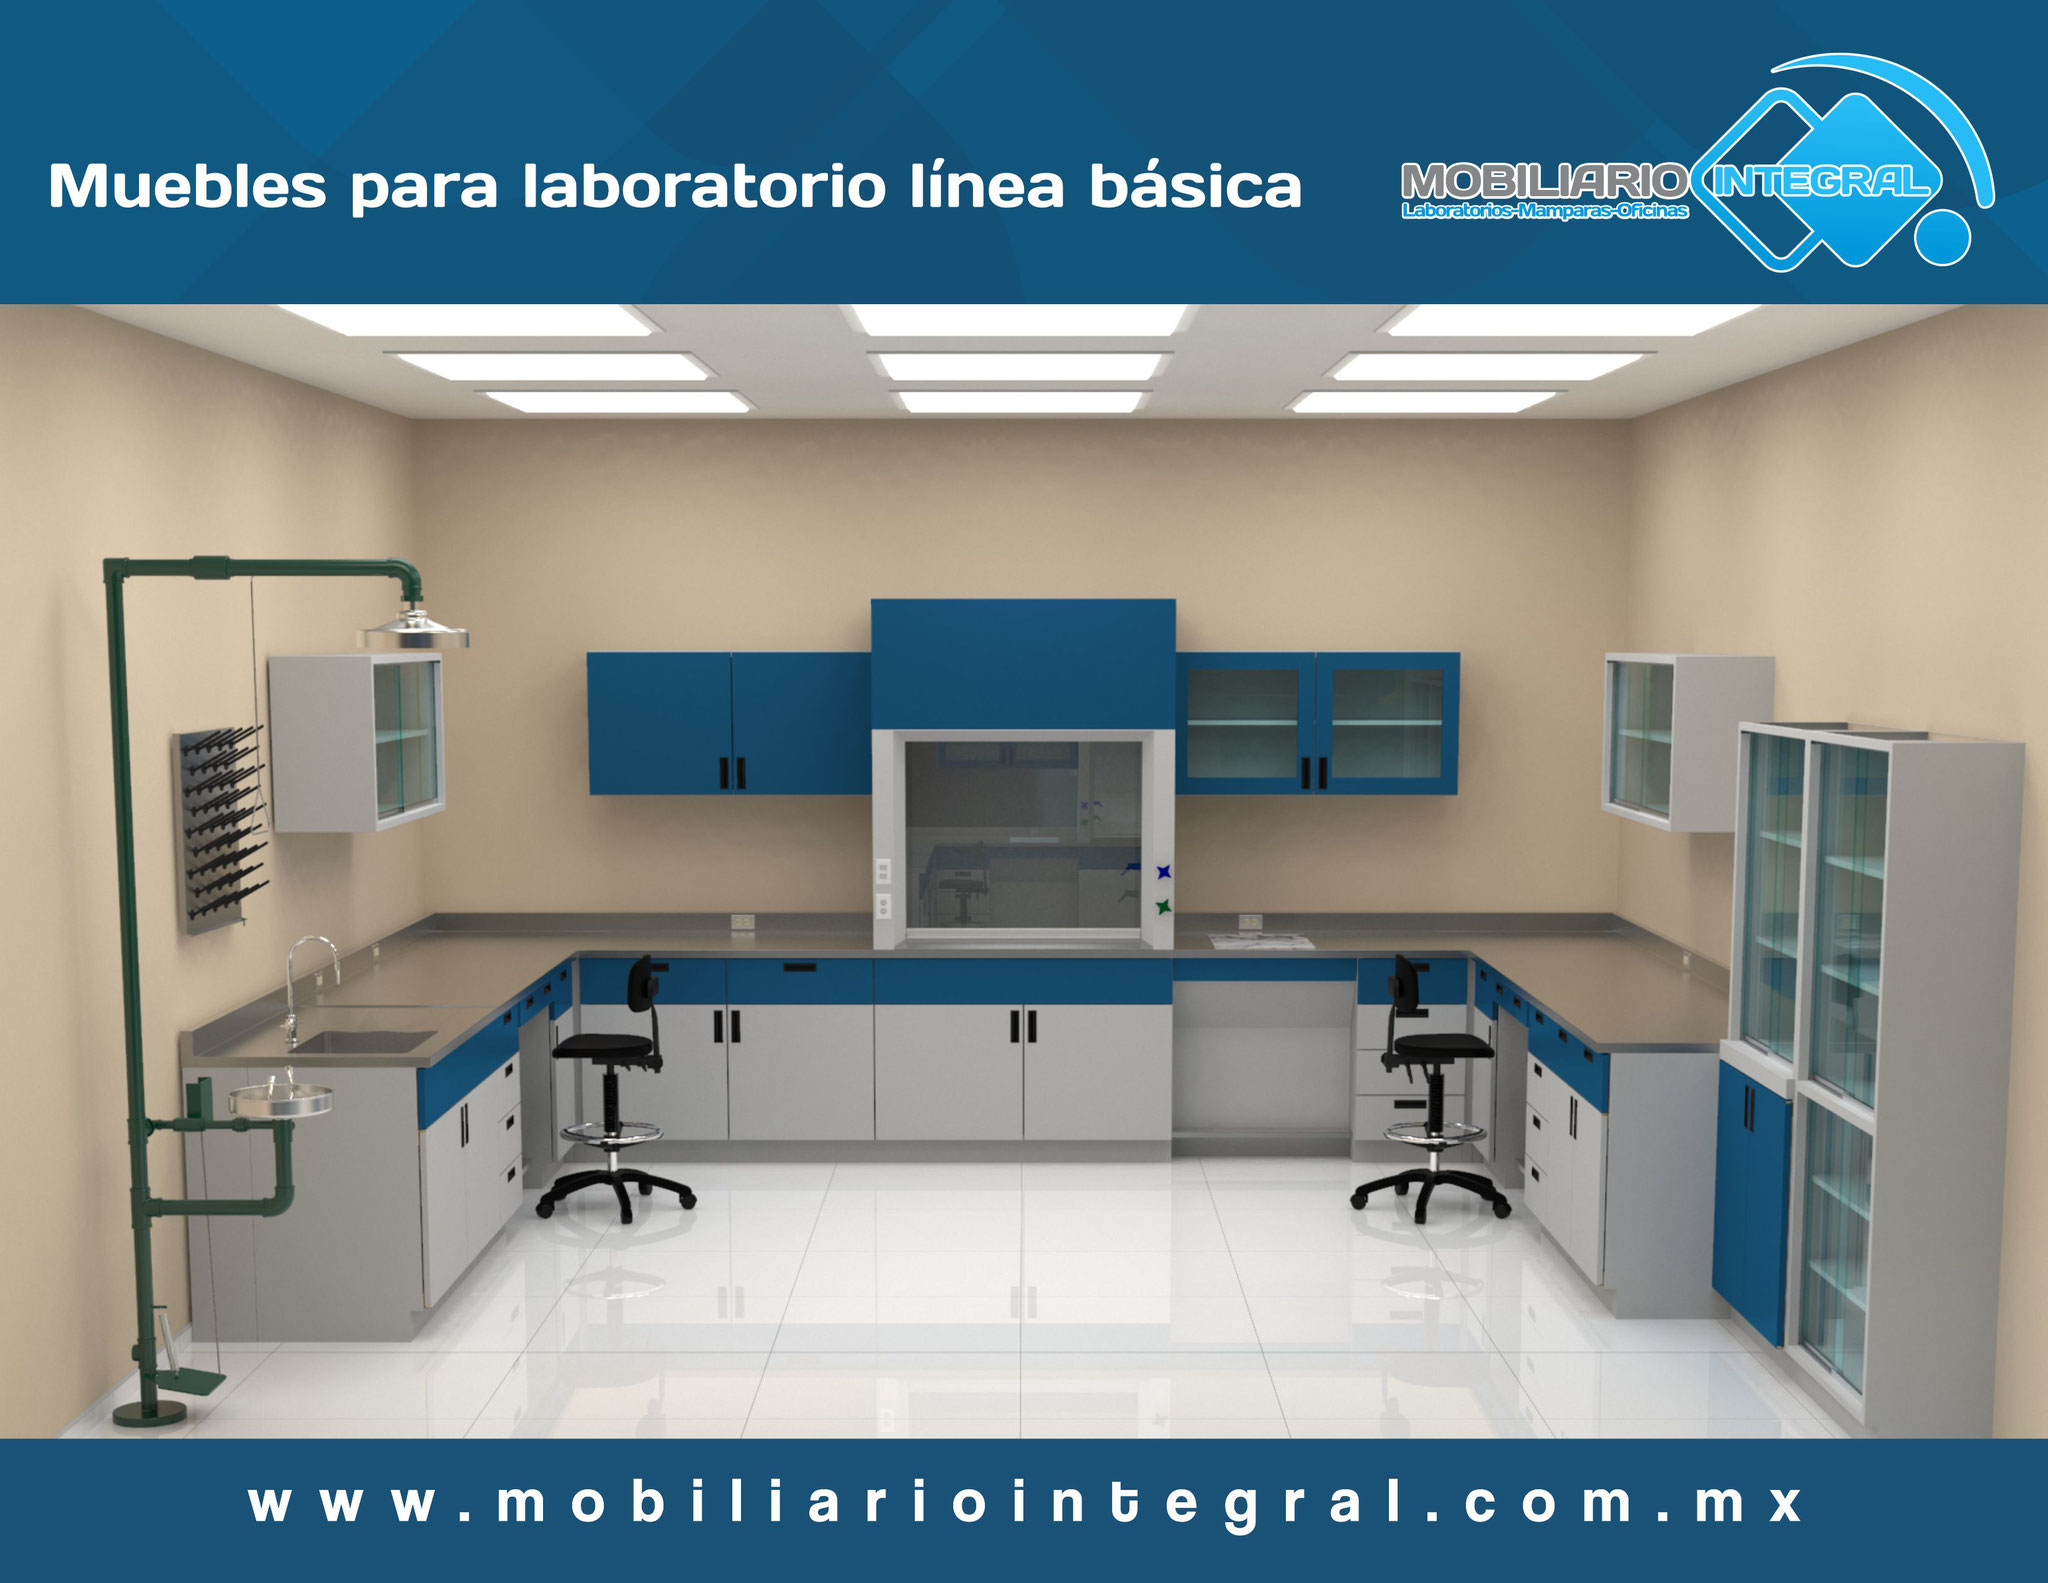 Muebles para laboratorio en Salamanca